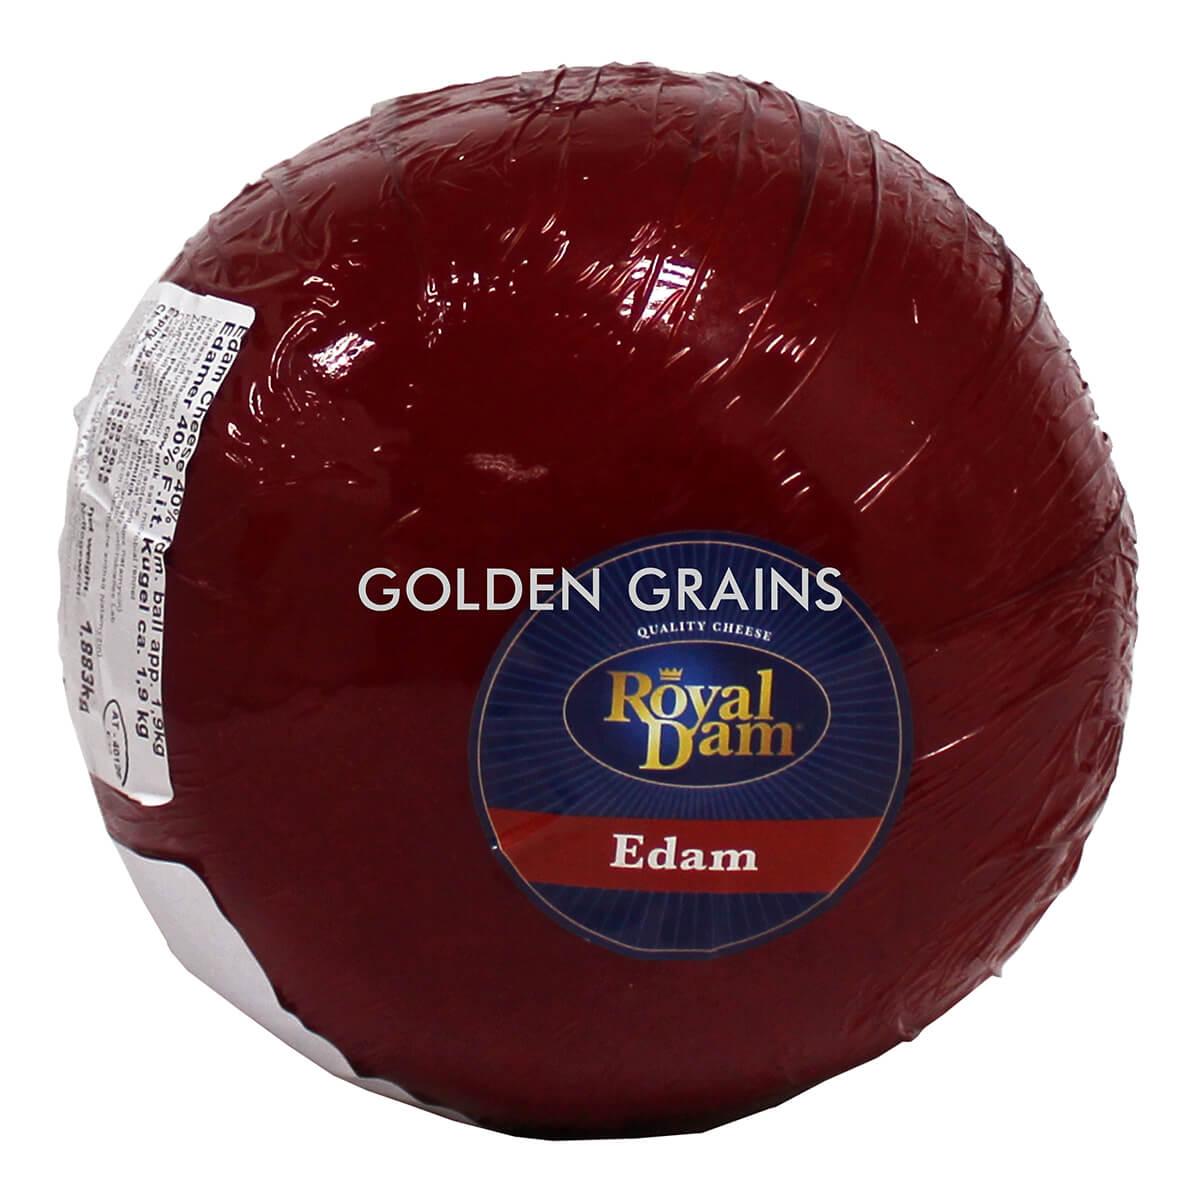 Royal Dam Edam Ball Cheese